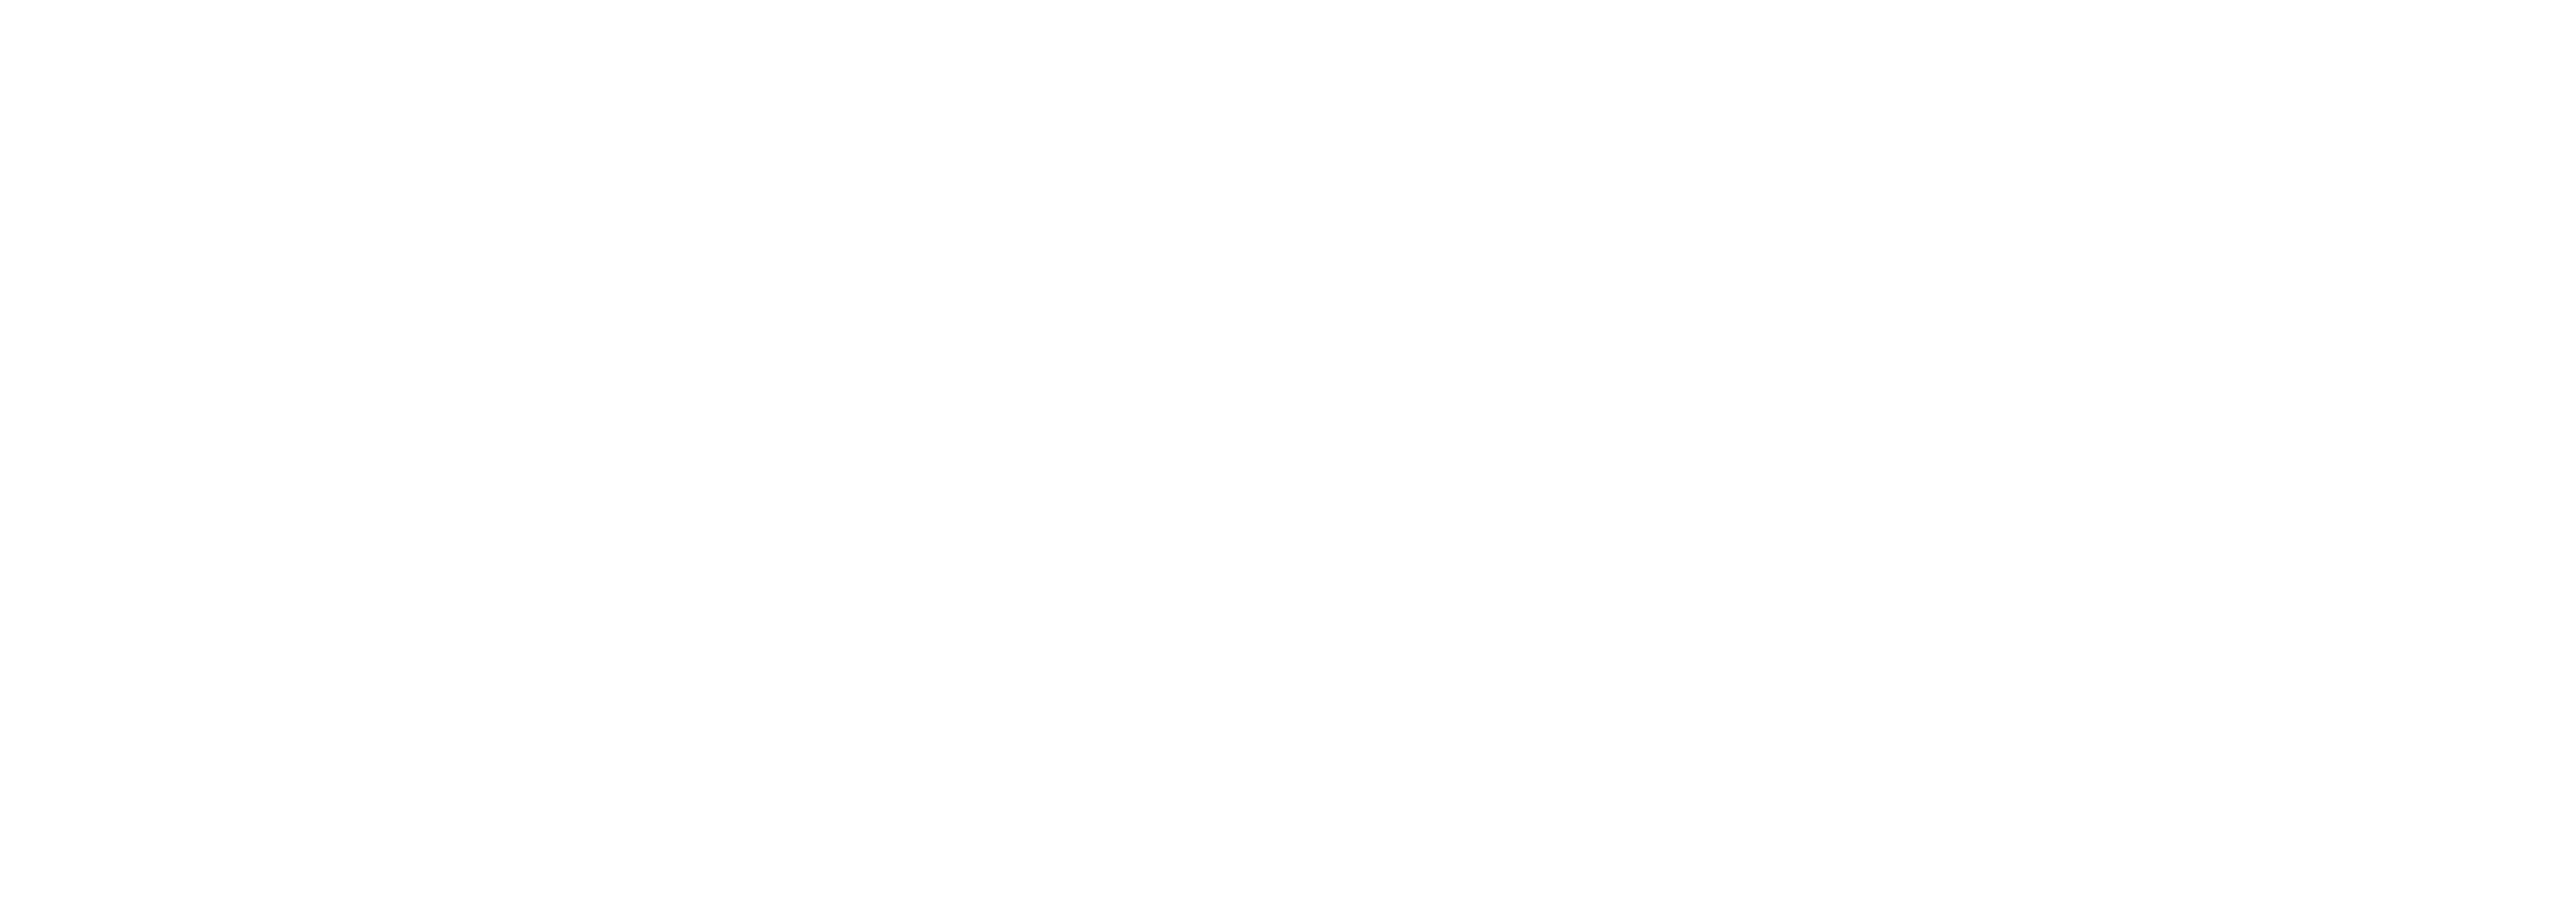 Syslink